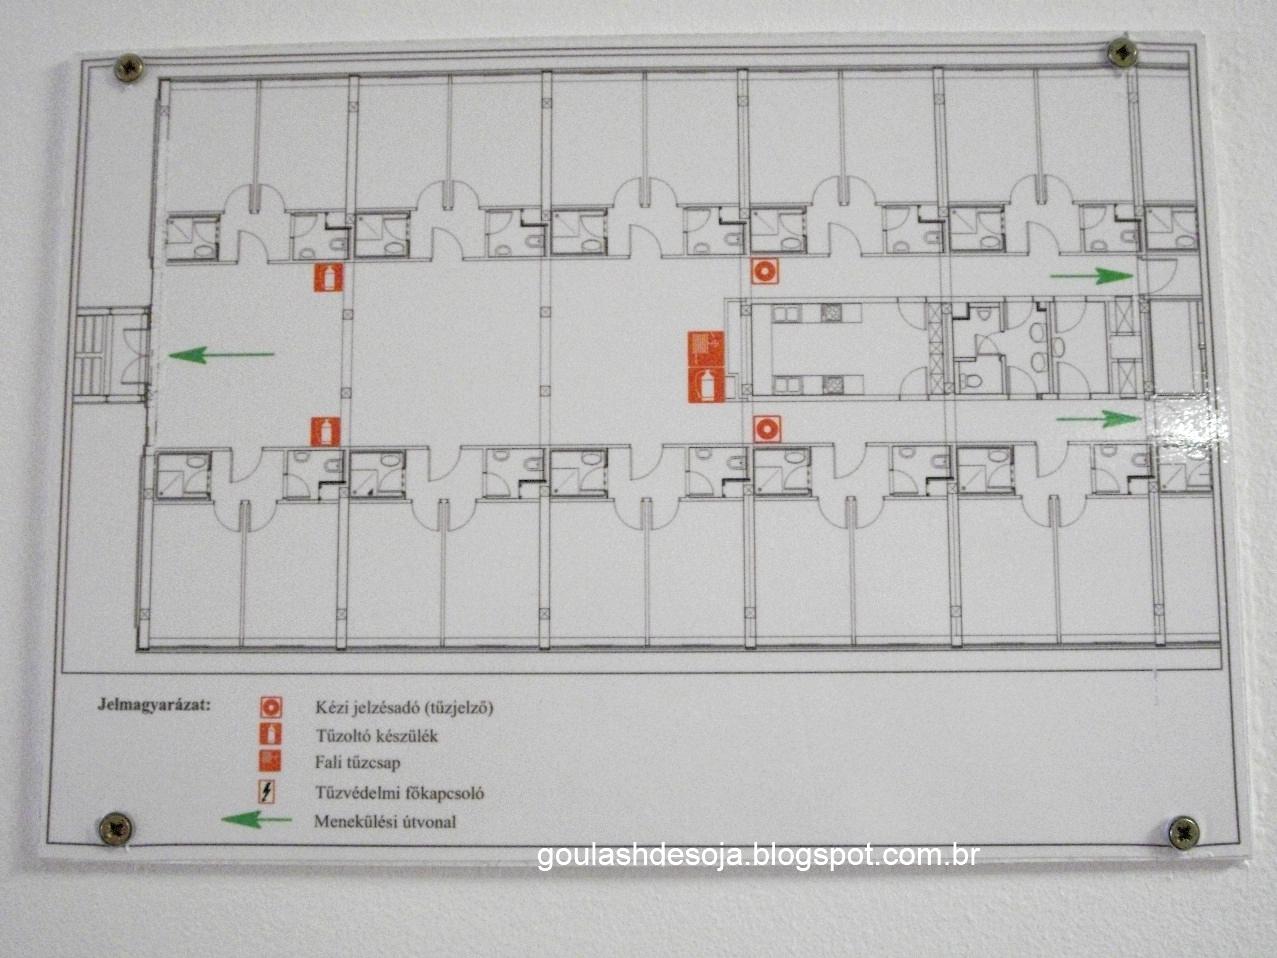 Imagens de #A64325 Goulash de soja: Chegando ao alojamento Boszorkány Kollégium  1277x958 px 3362 Bloco Cad Torneira Banheiro Em Vista